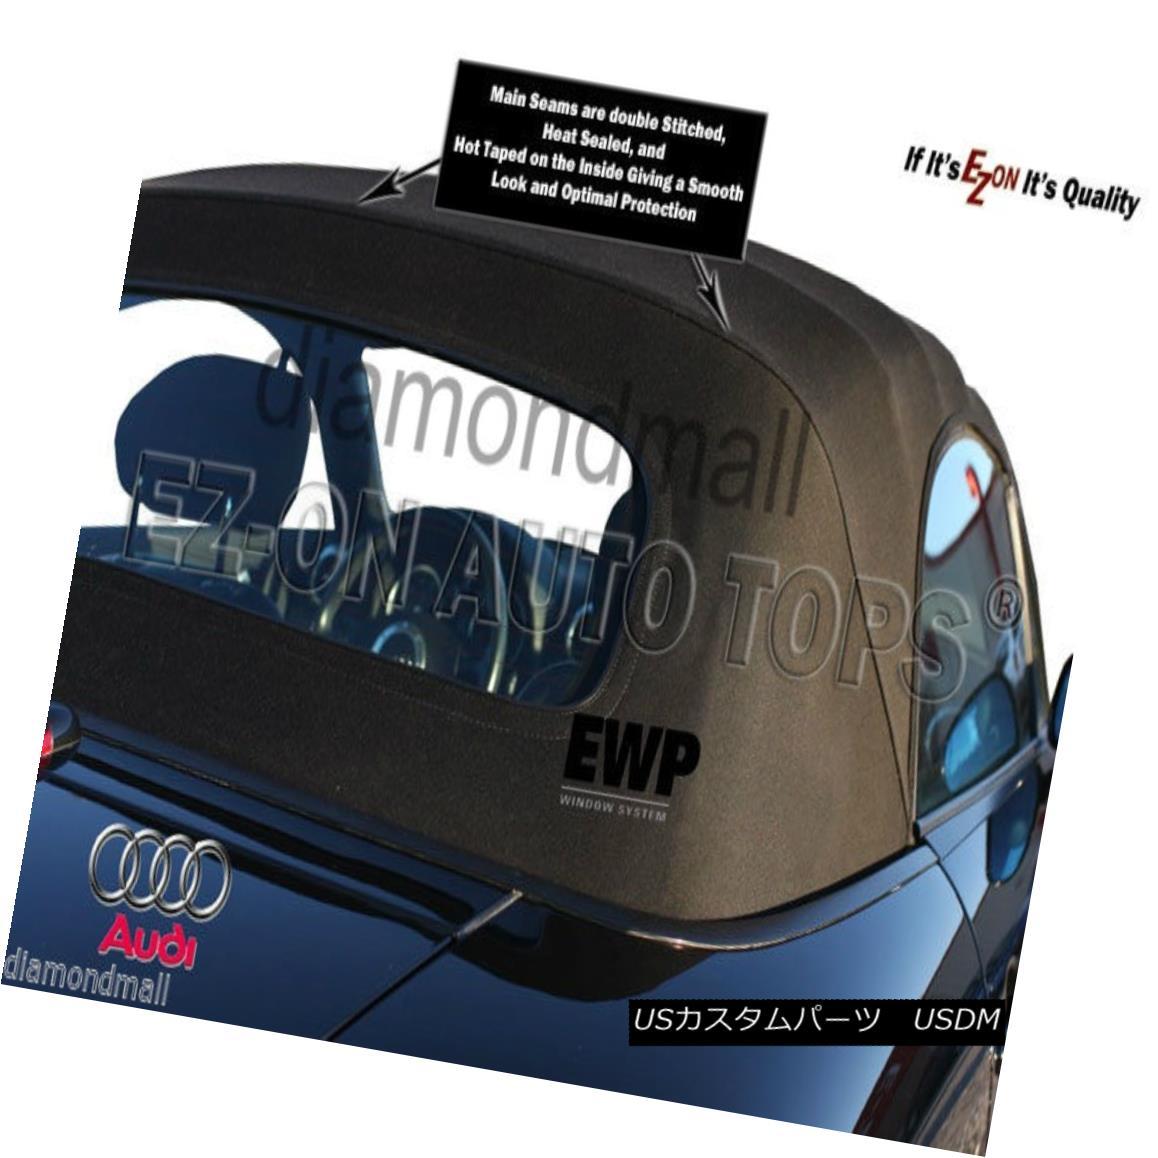 幌・ソフトトップ E-Z ON Audi TT 2000-05 Convertible Soft Top Black Twillfast II RPC Factory Cloth E-Z ONアウディTT 2000-05コンバーチブルソフトトップブラックツイルファーストII RPCファクトリークロス